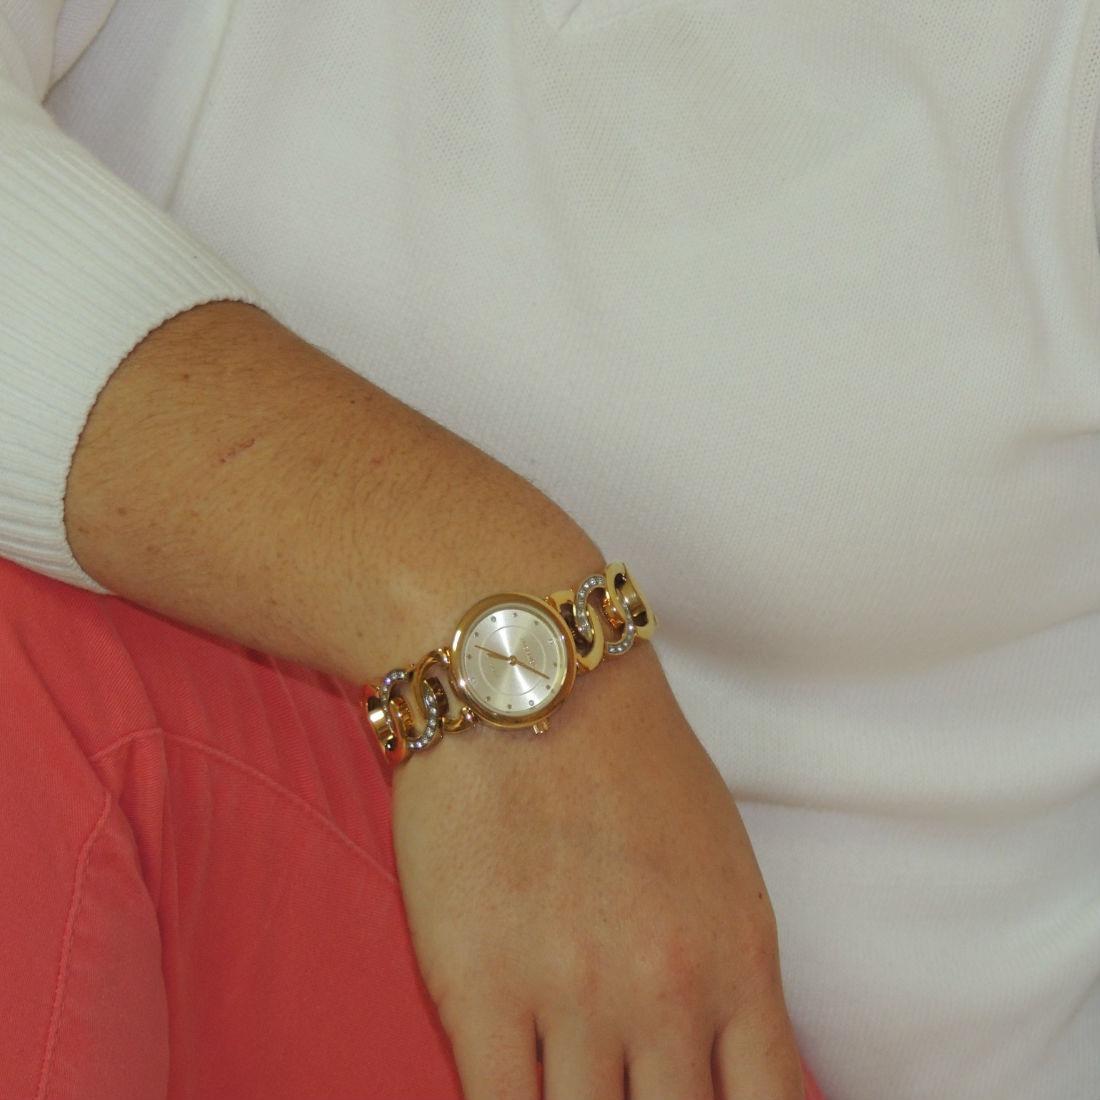 ff57ddf7e6c Relógio Technos Feminino Elegance Elos - R  460